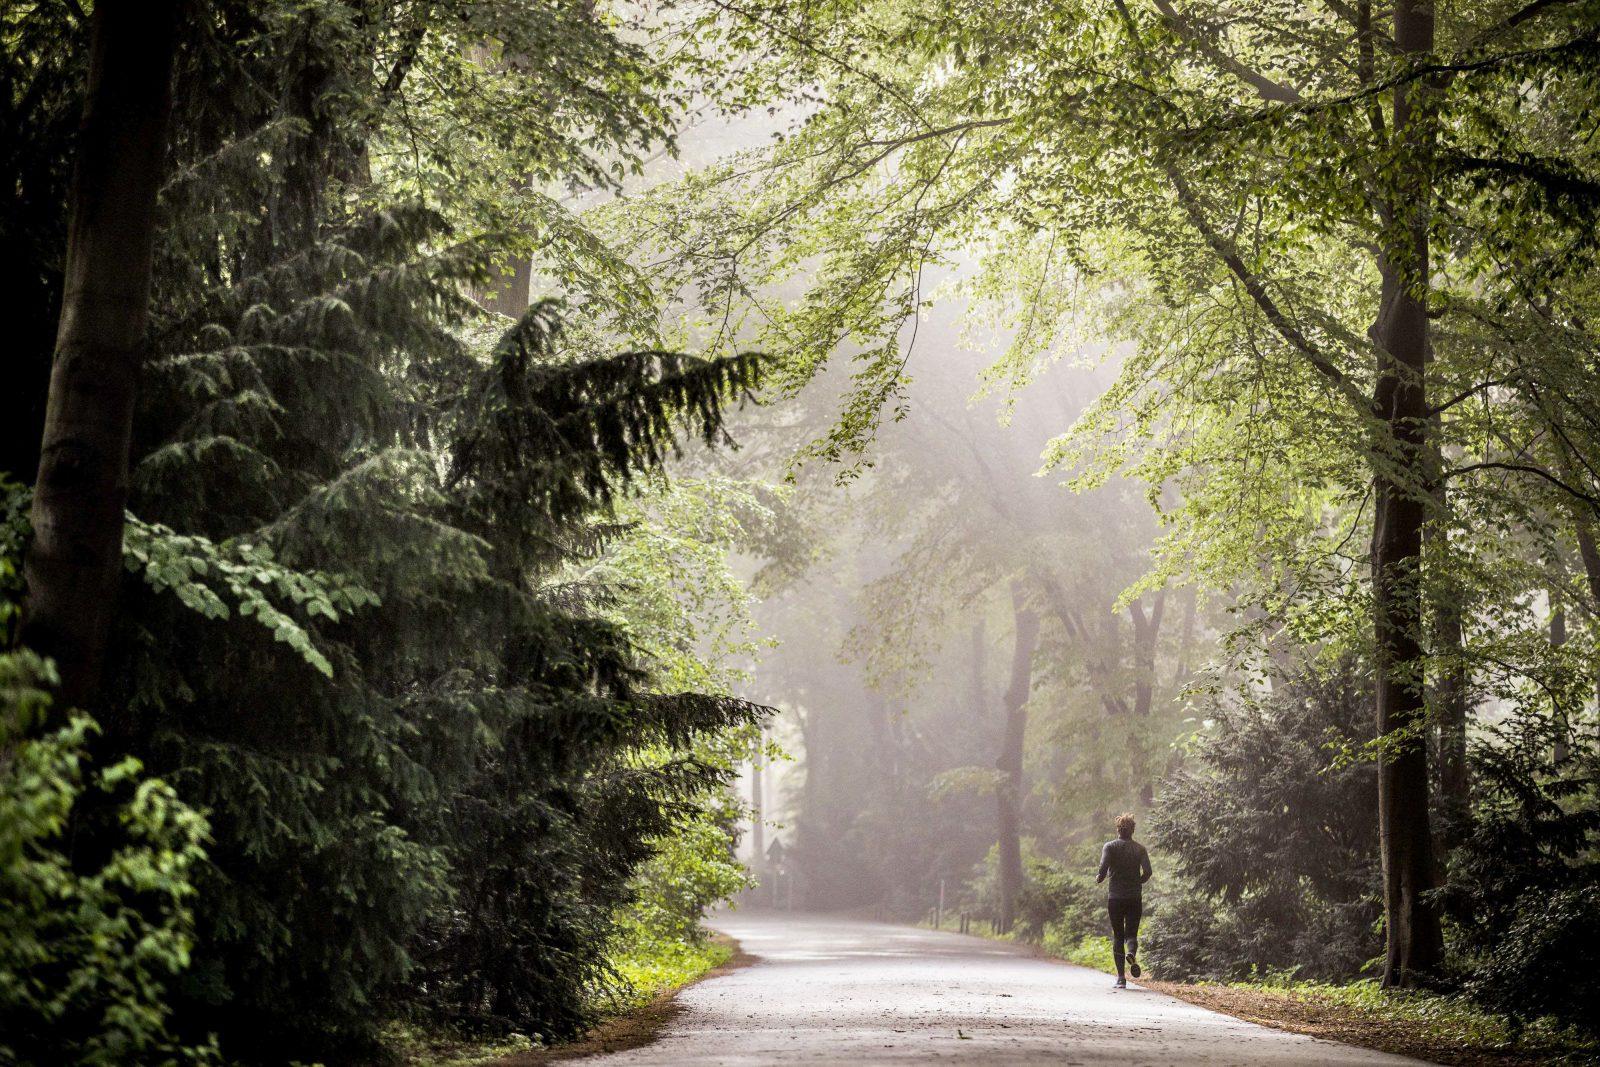 Großer Tiergarten im Nebel am Morgen: ein wunderschöner Anblick – und auch zum Joggen die richtige Zeit.     Foto: Photothek/Florian Gaertner